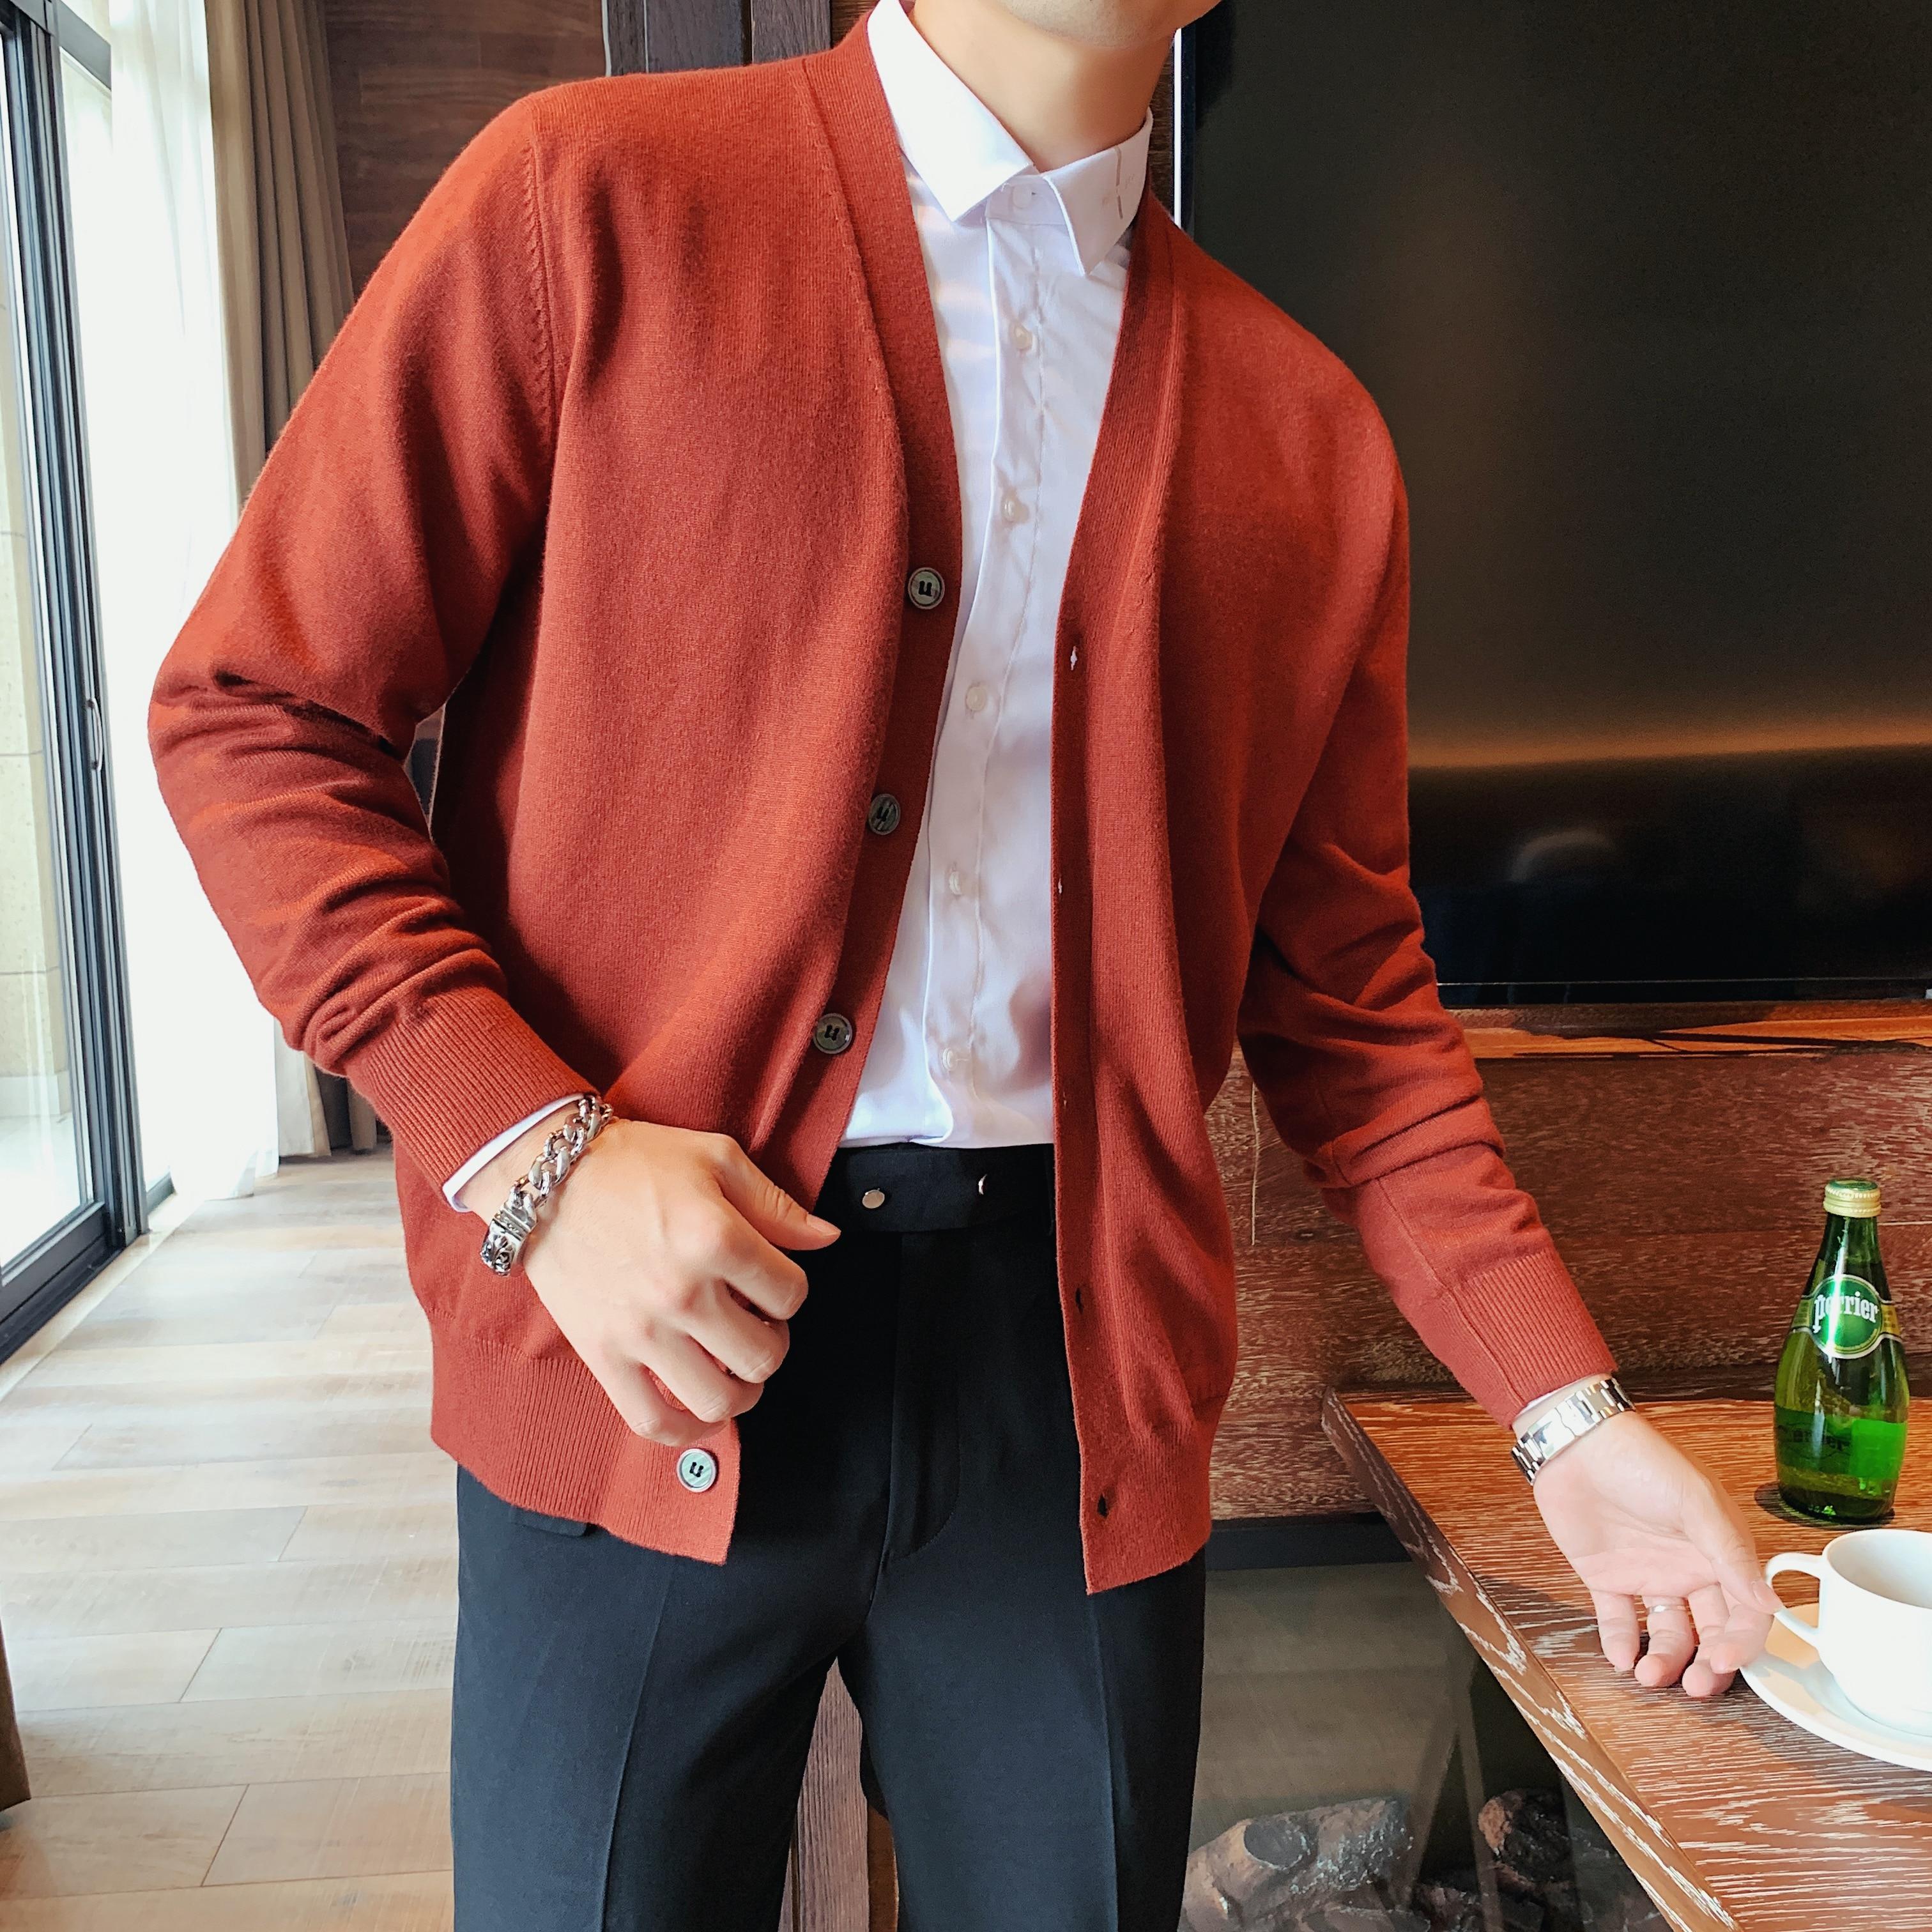 سترة رجالية كورية محبوكة بأكمام طويلة ، سترة غير رسمية برقبة على شكل V ، صدر واحد ، ملابس عصرية ، 2021